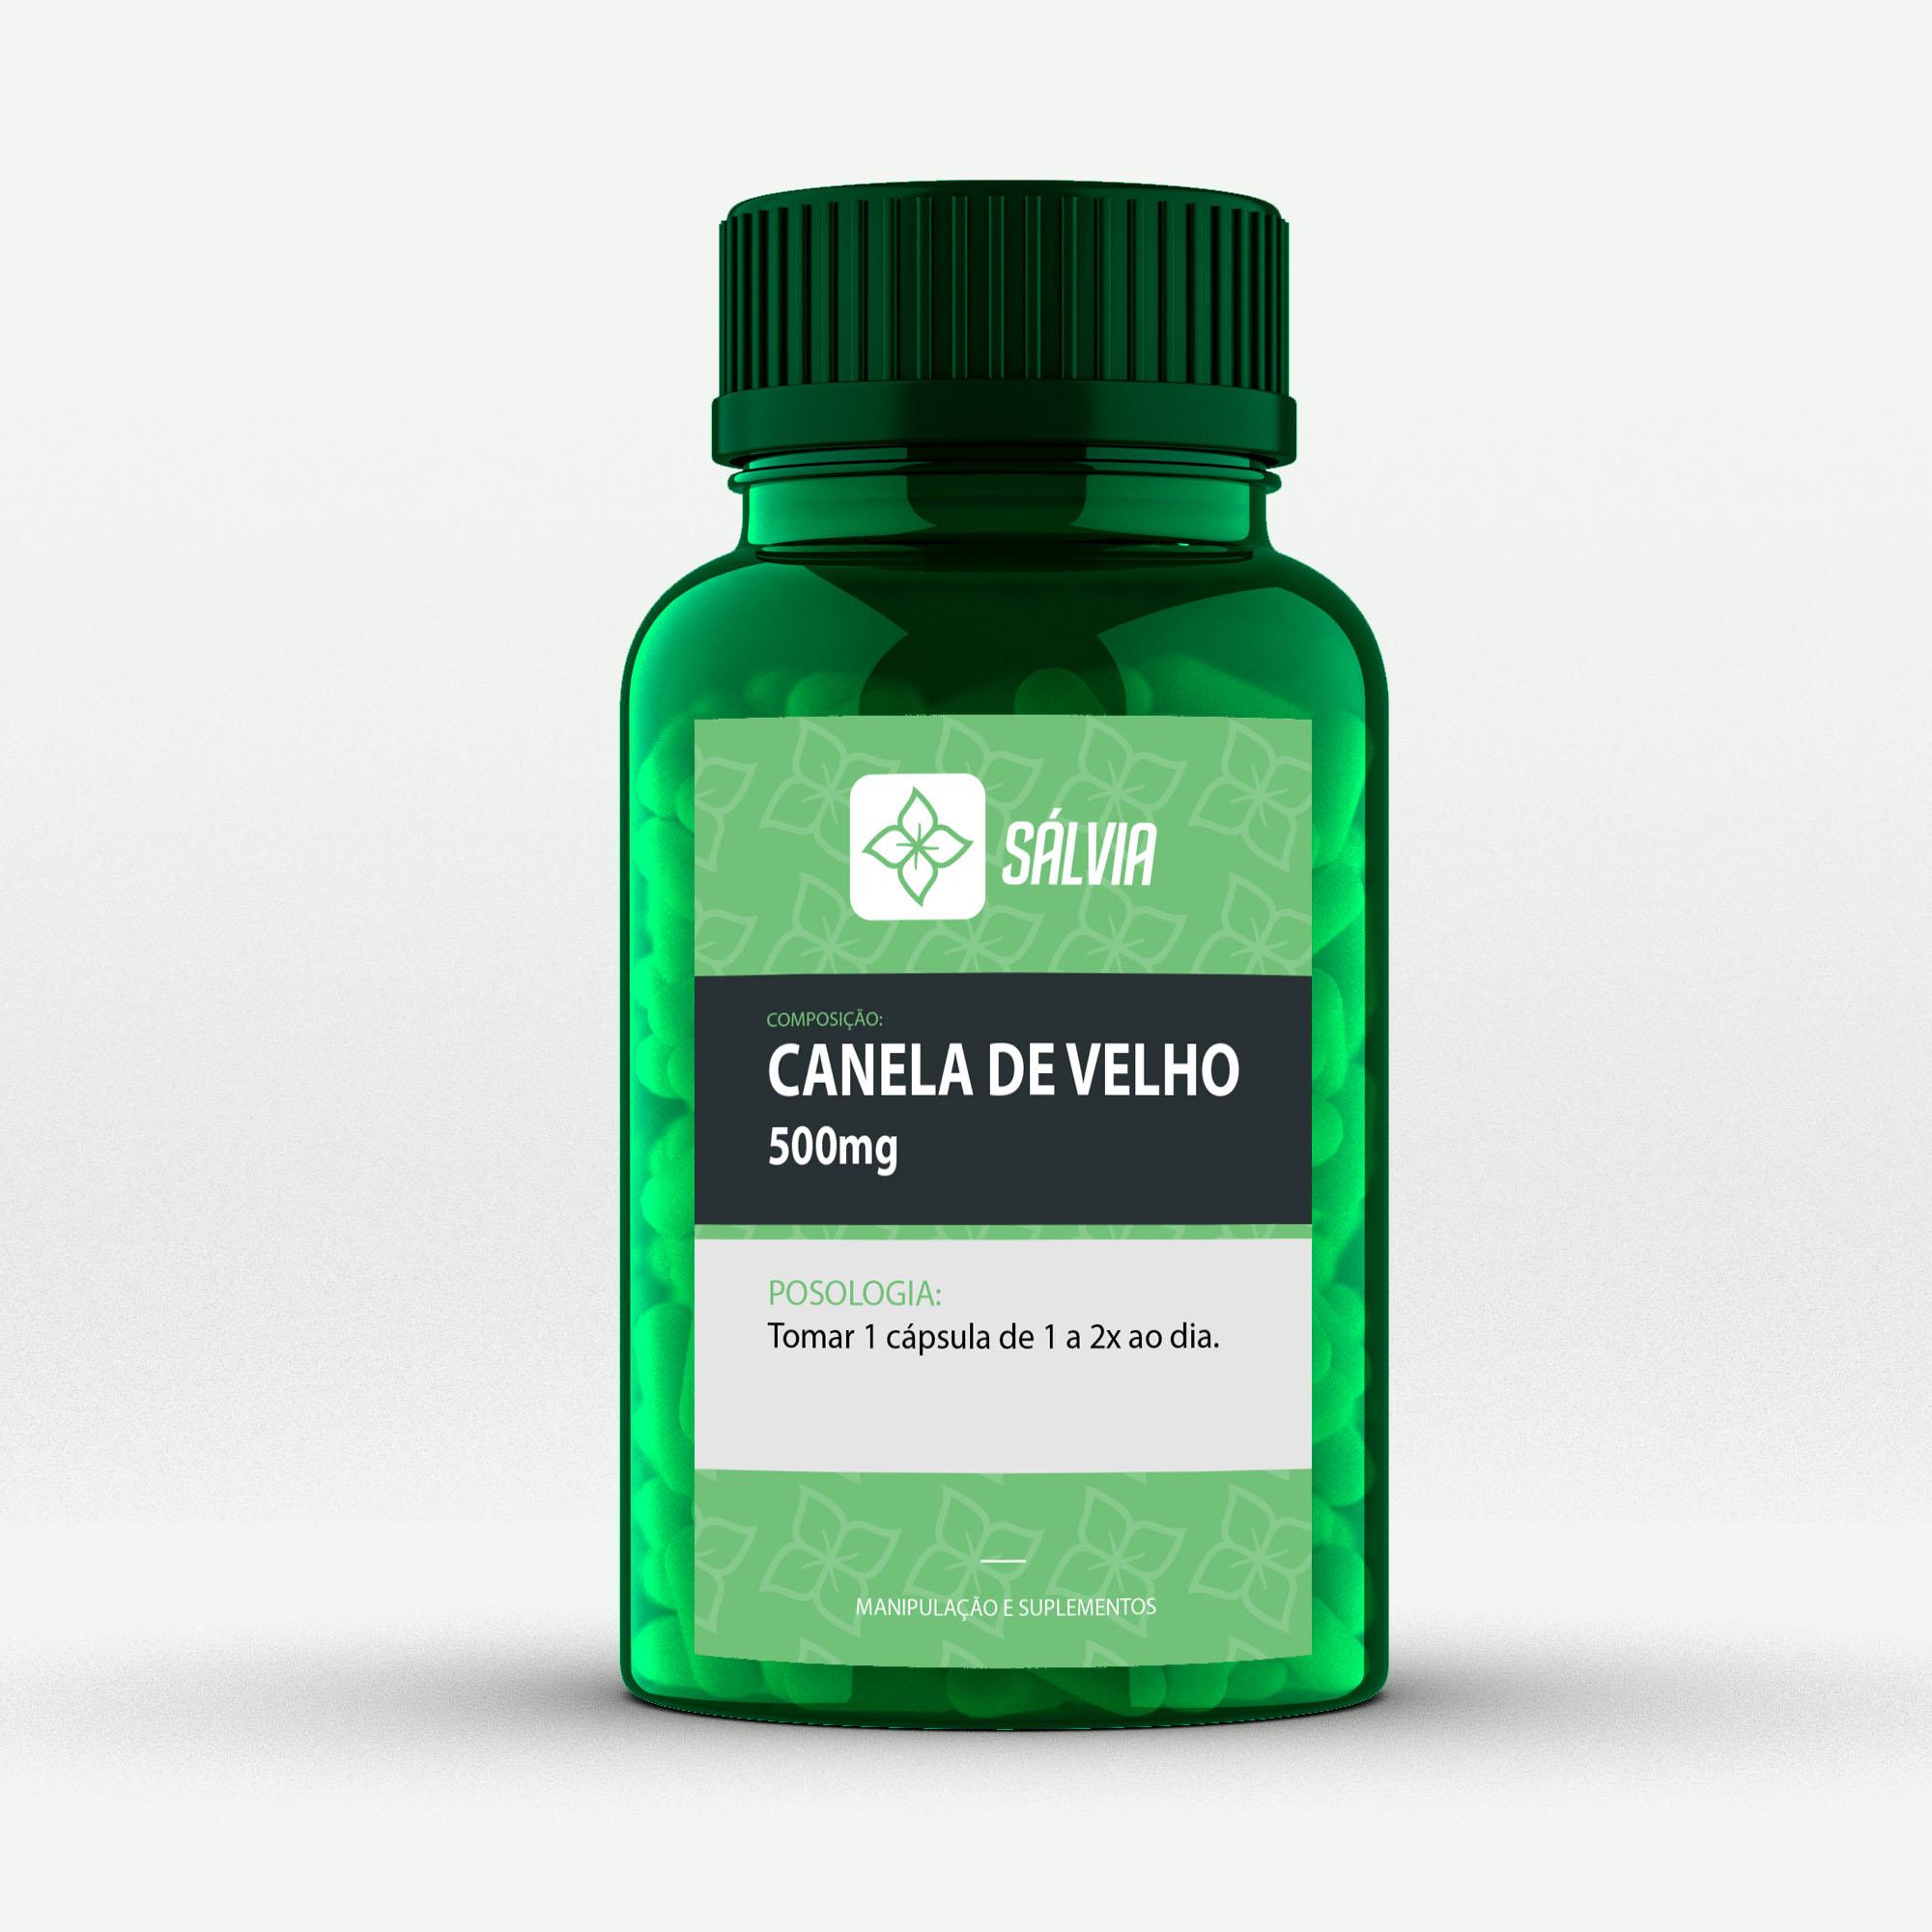 CANELA DE VELHO 500mg – Cápsulas